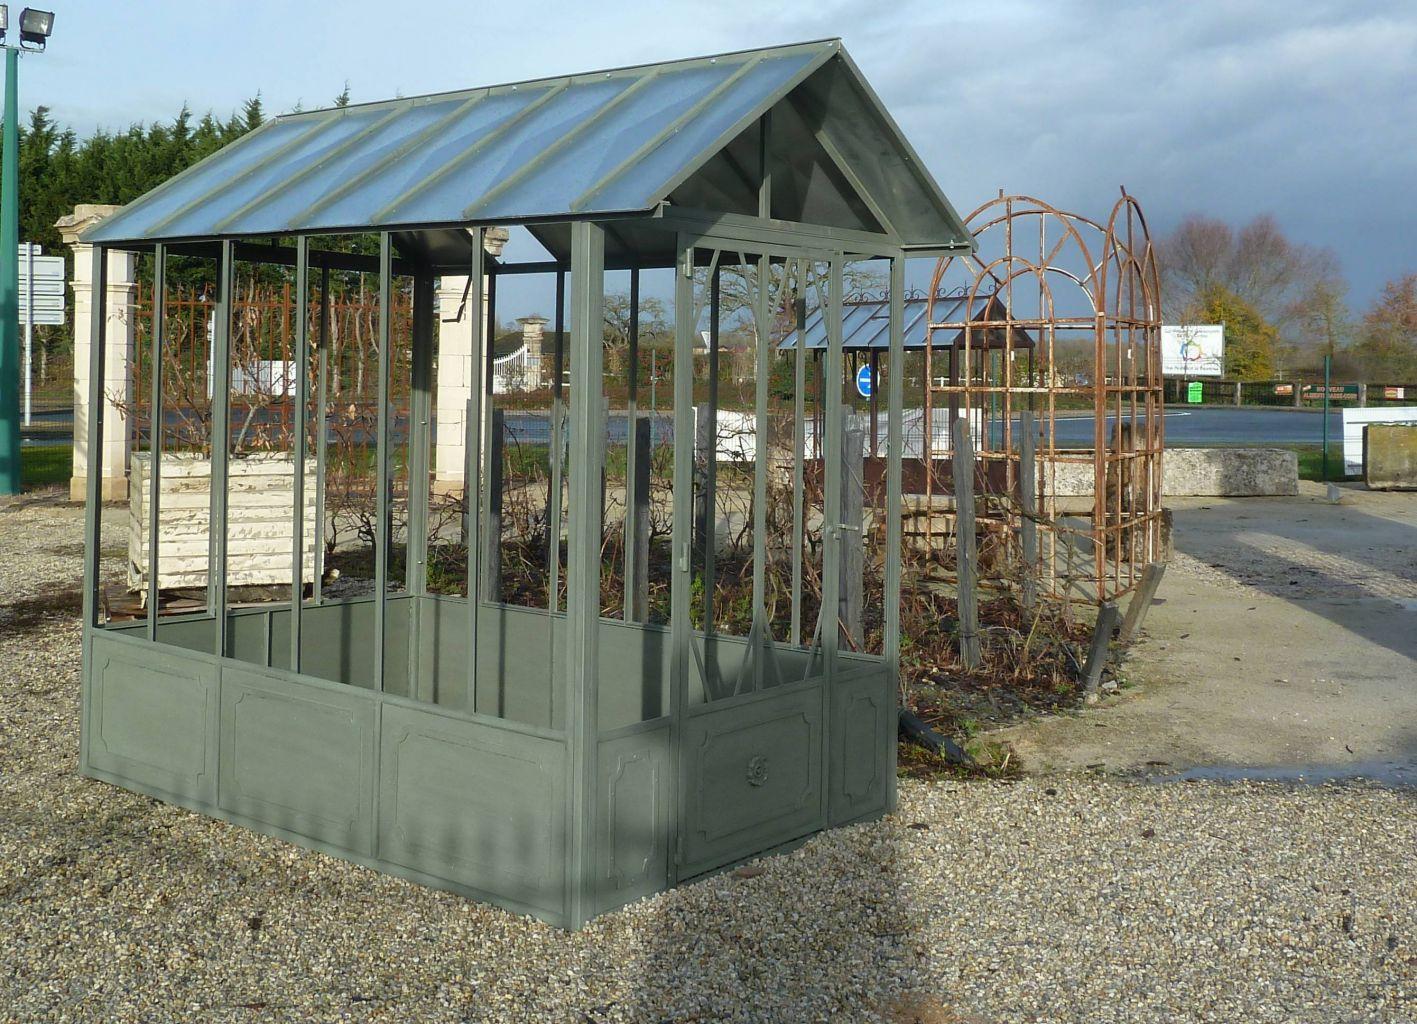 Serre De Jardin À L'ancienne - Fer Forgé | Bca Matériaux Anciens intérieur Serre De Jardin Fer Forgé